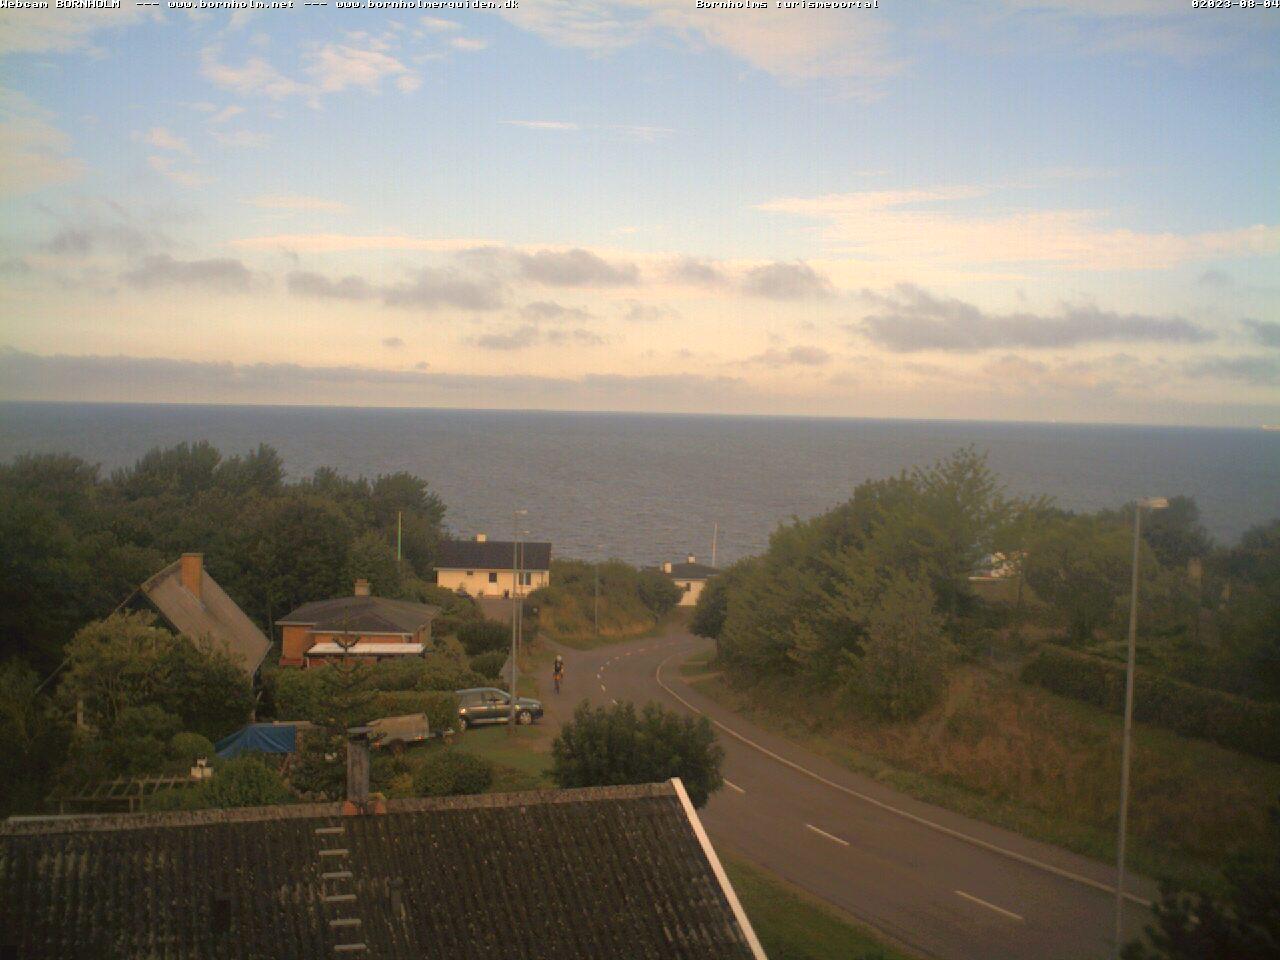 Webcam Vang, Bornholm, Hovedstaden, Dänemark